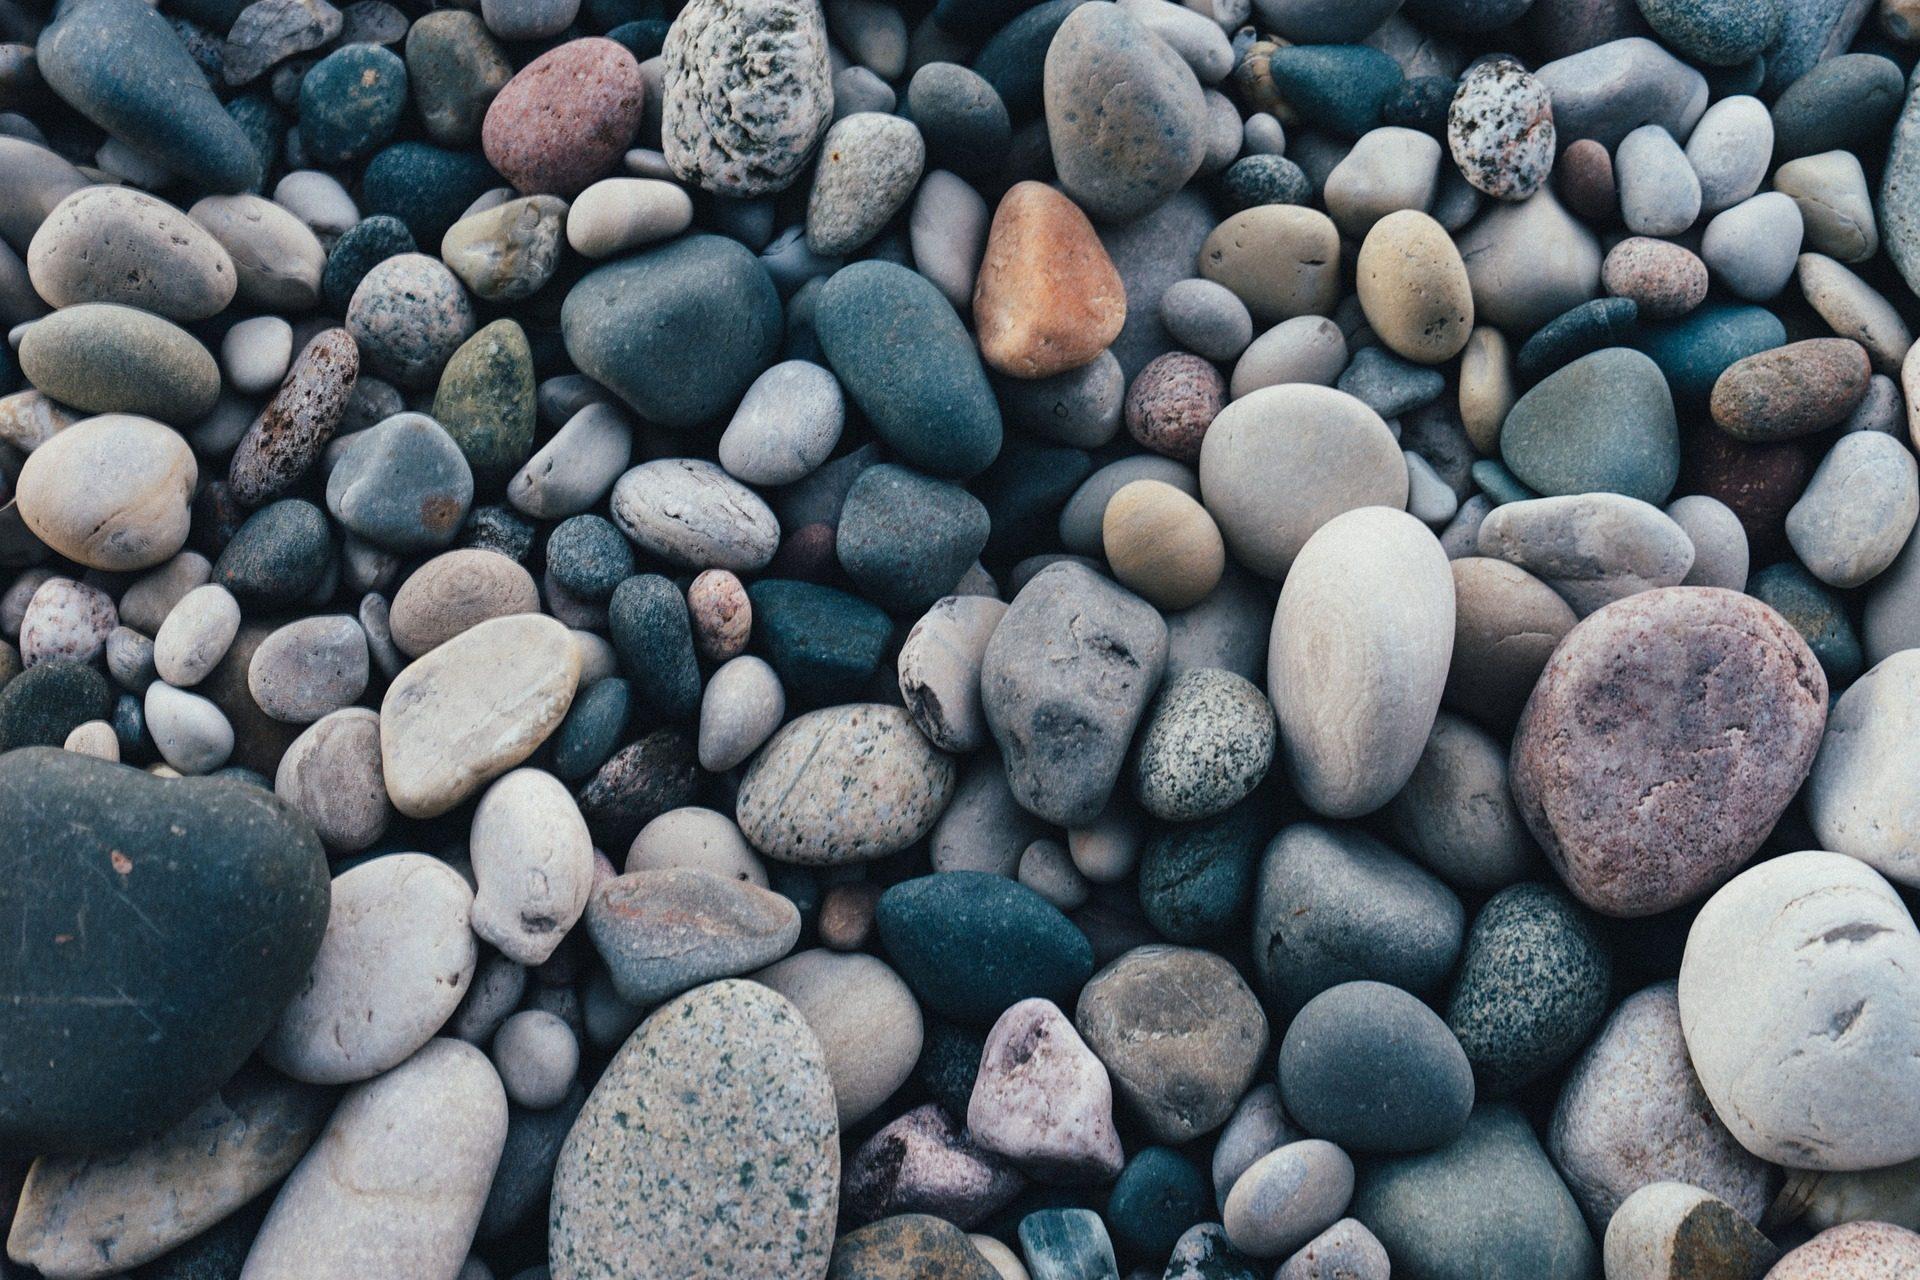 pietre, Rocas, diversità, colori, canzoni - Sfondi HD - Professor-falken.com